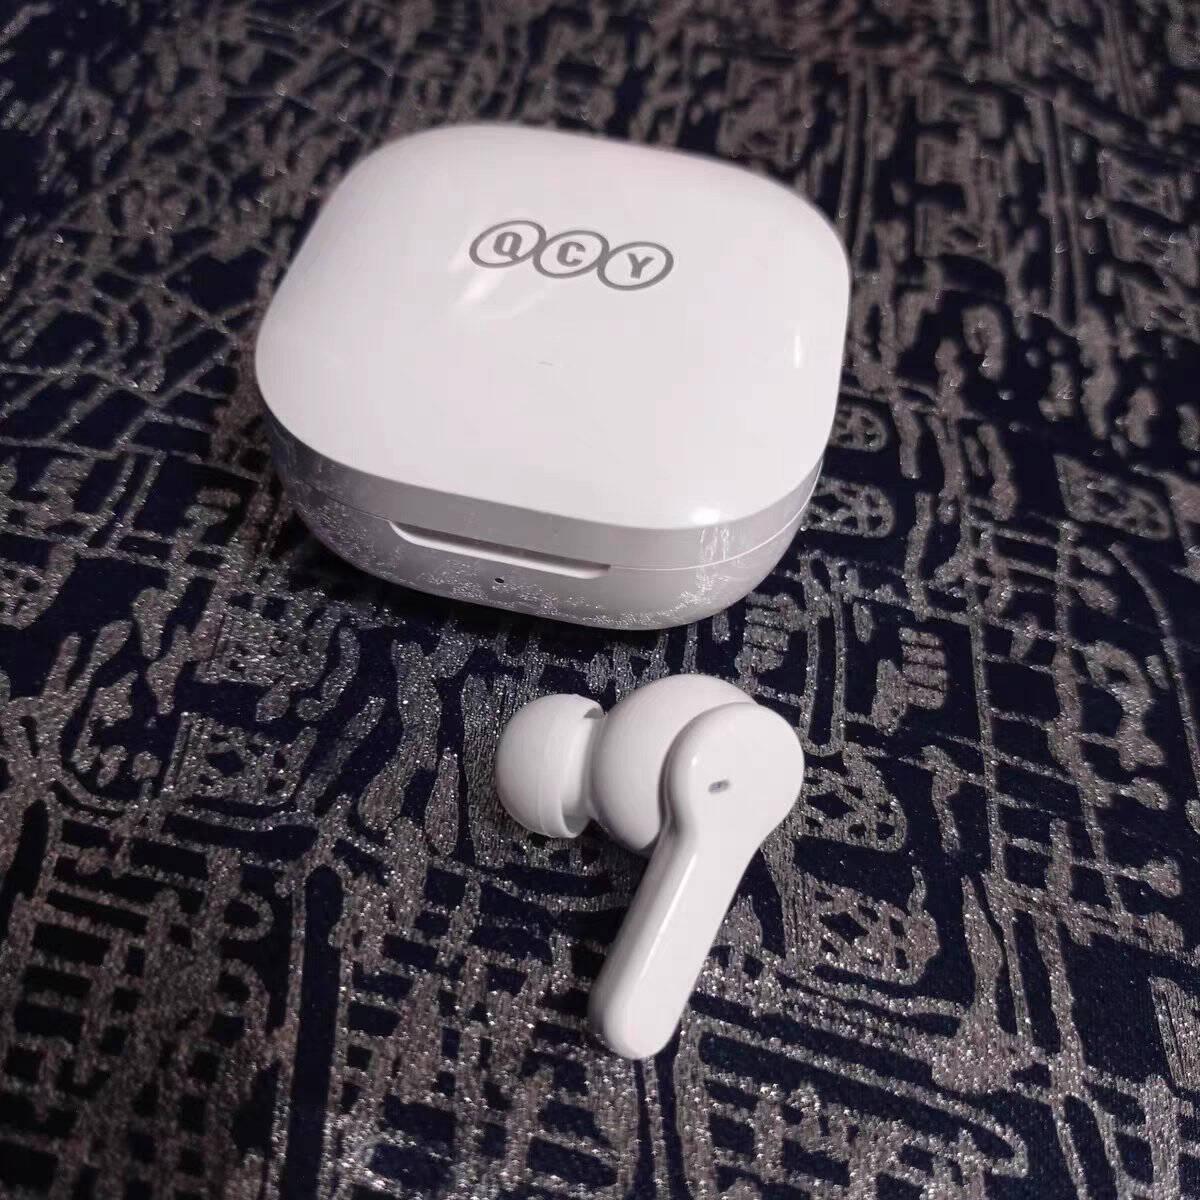 QCYT13真无线蓝牙耳机运动耳麦主从切换4麦通话降噪耳机快充苹果安卓小米华为手机通用白色